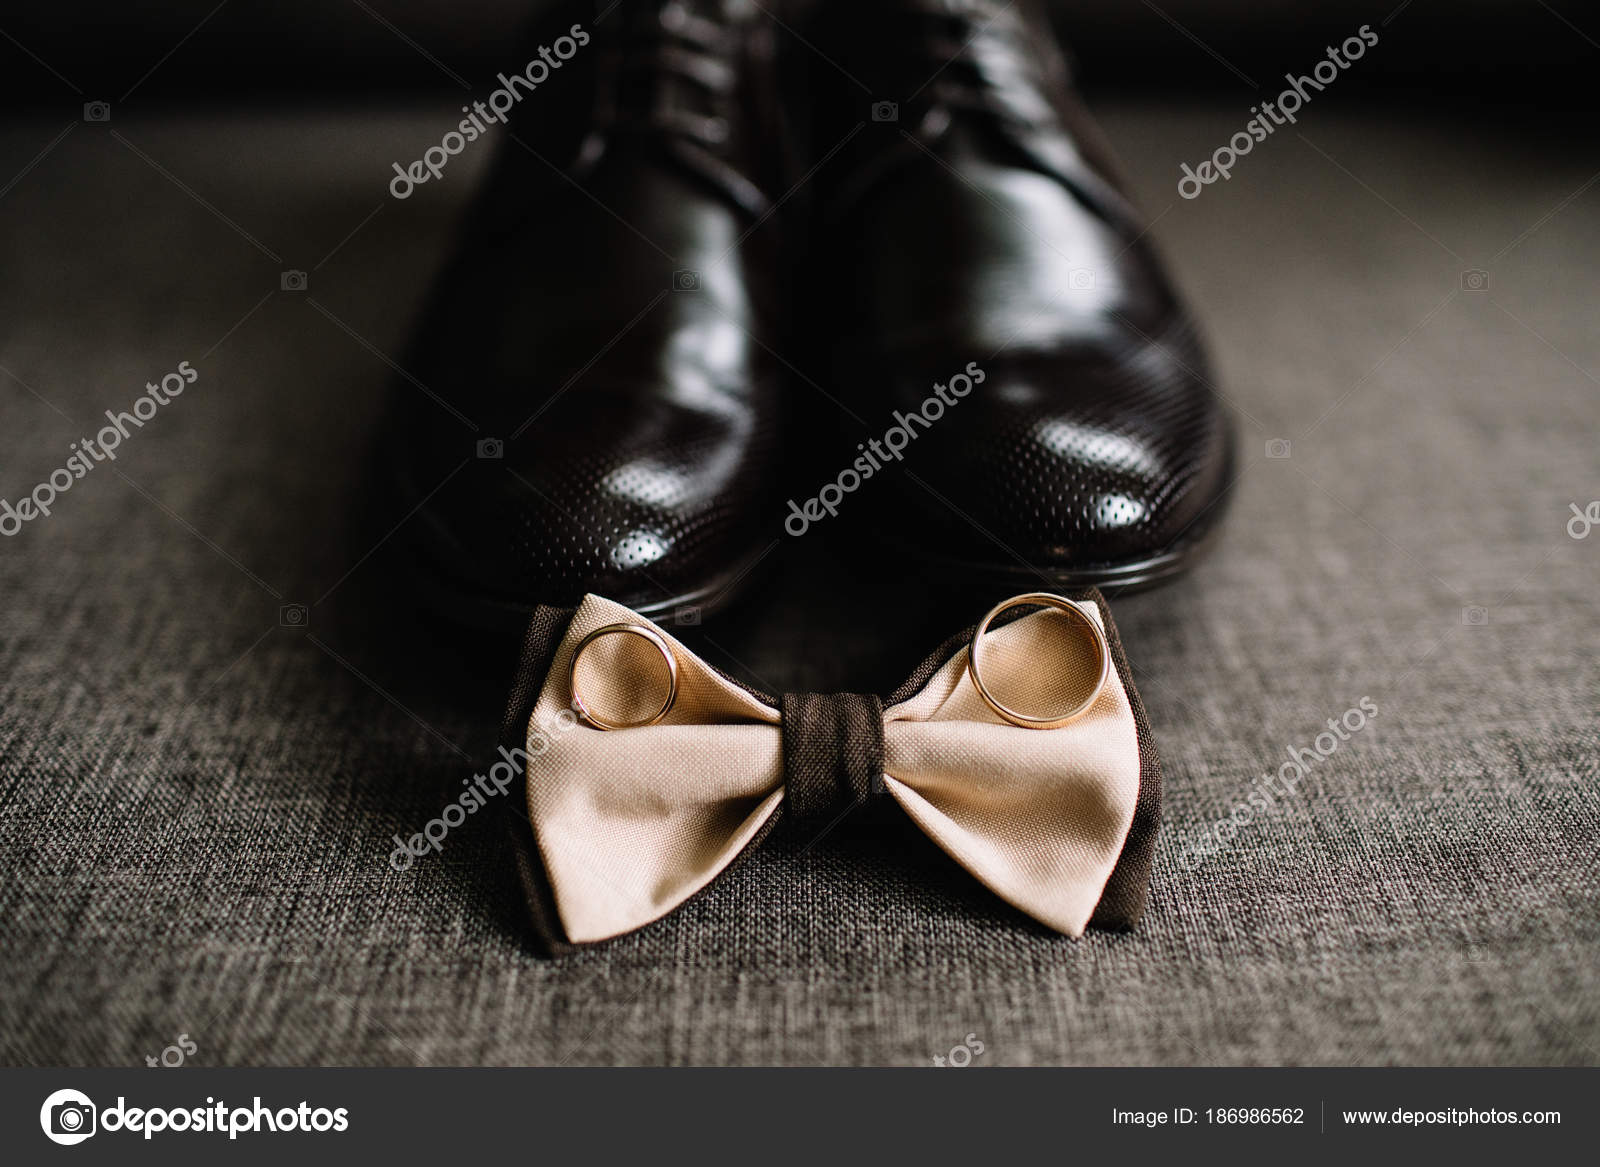 1dd10d3c60 Details Der Hochzeit Bräutigam Accessoires Schuhe Ringe Und Fliege–  Stockbild